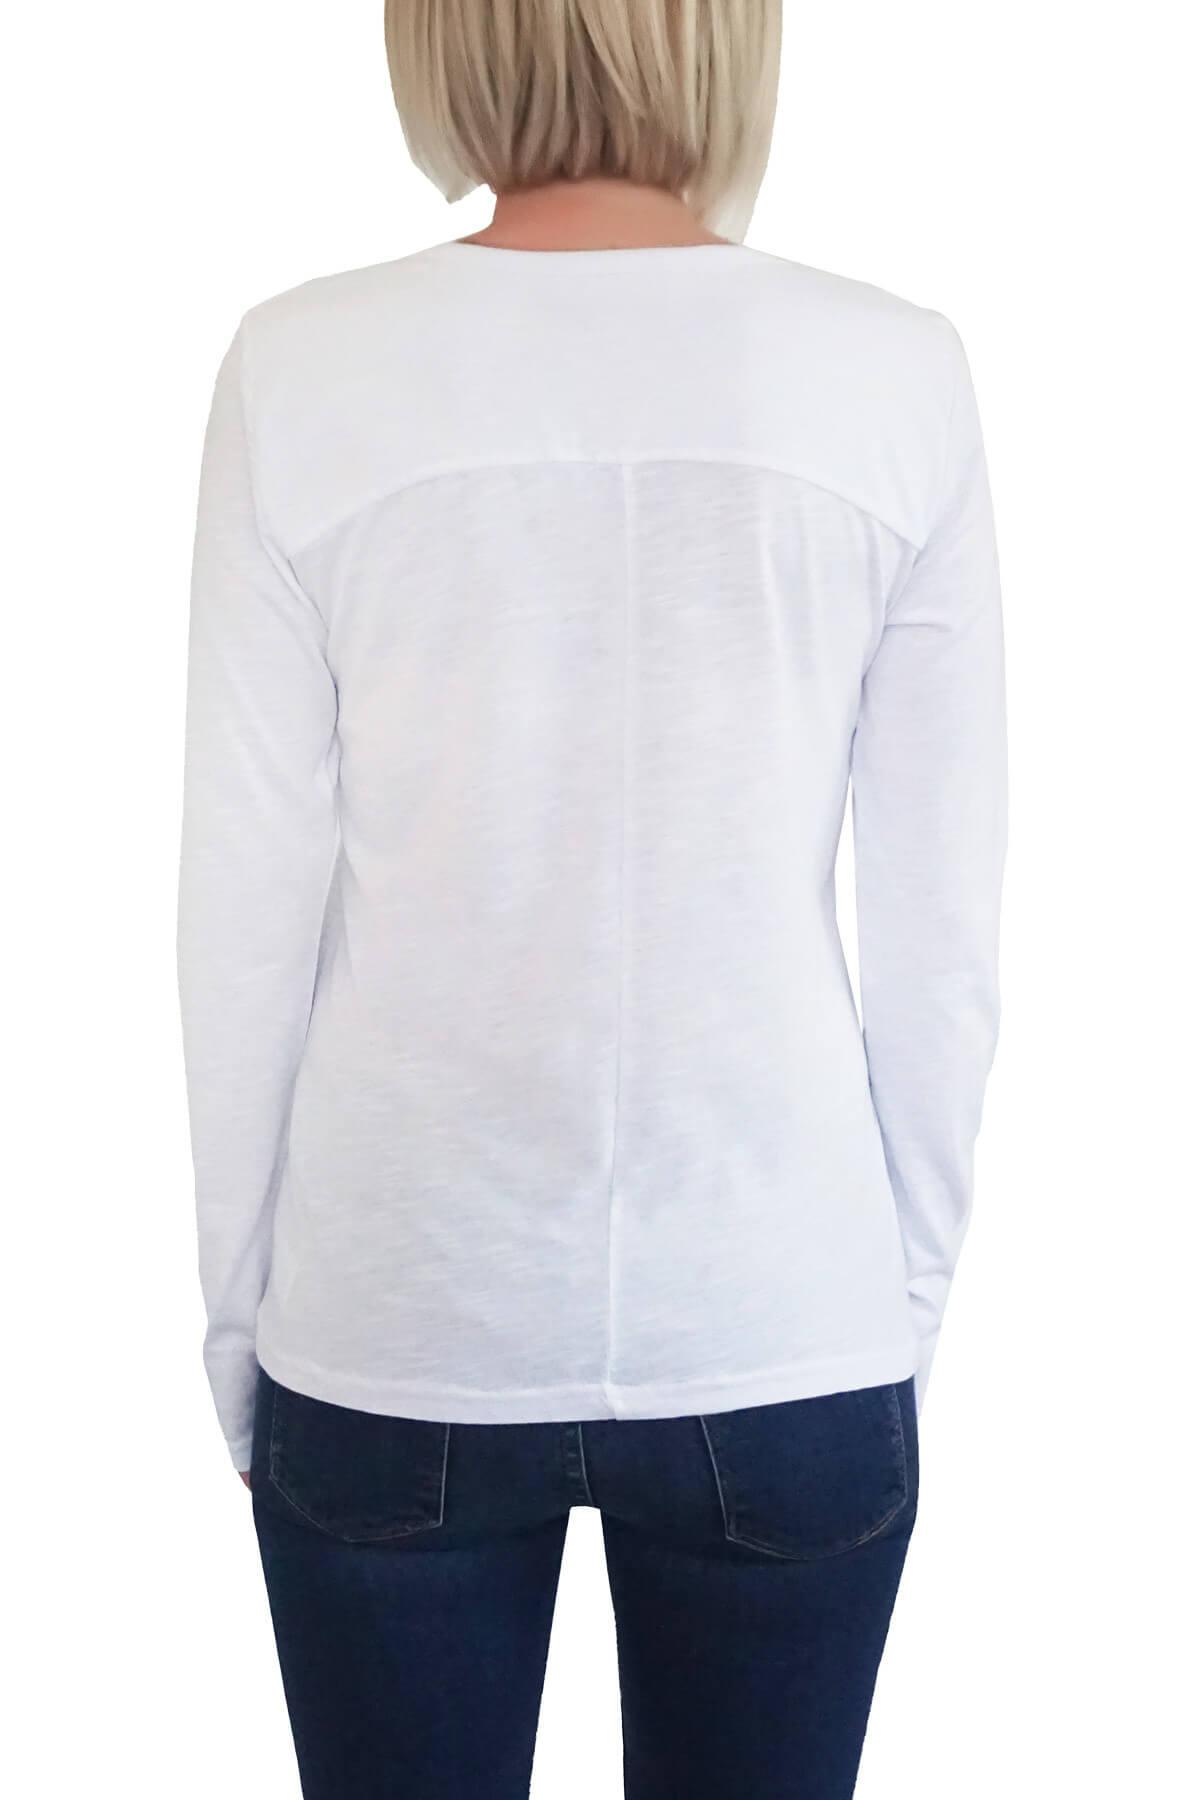 MOF Kadın Beyaz T-Shirt UKSYT-B 2